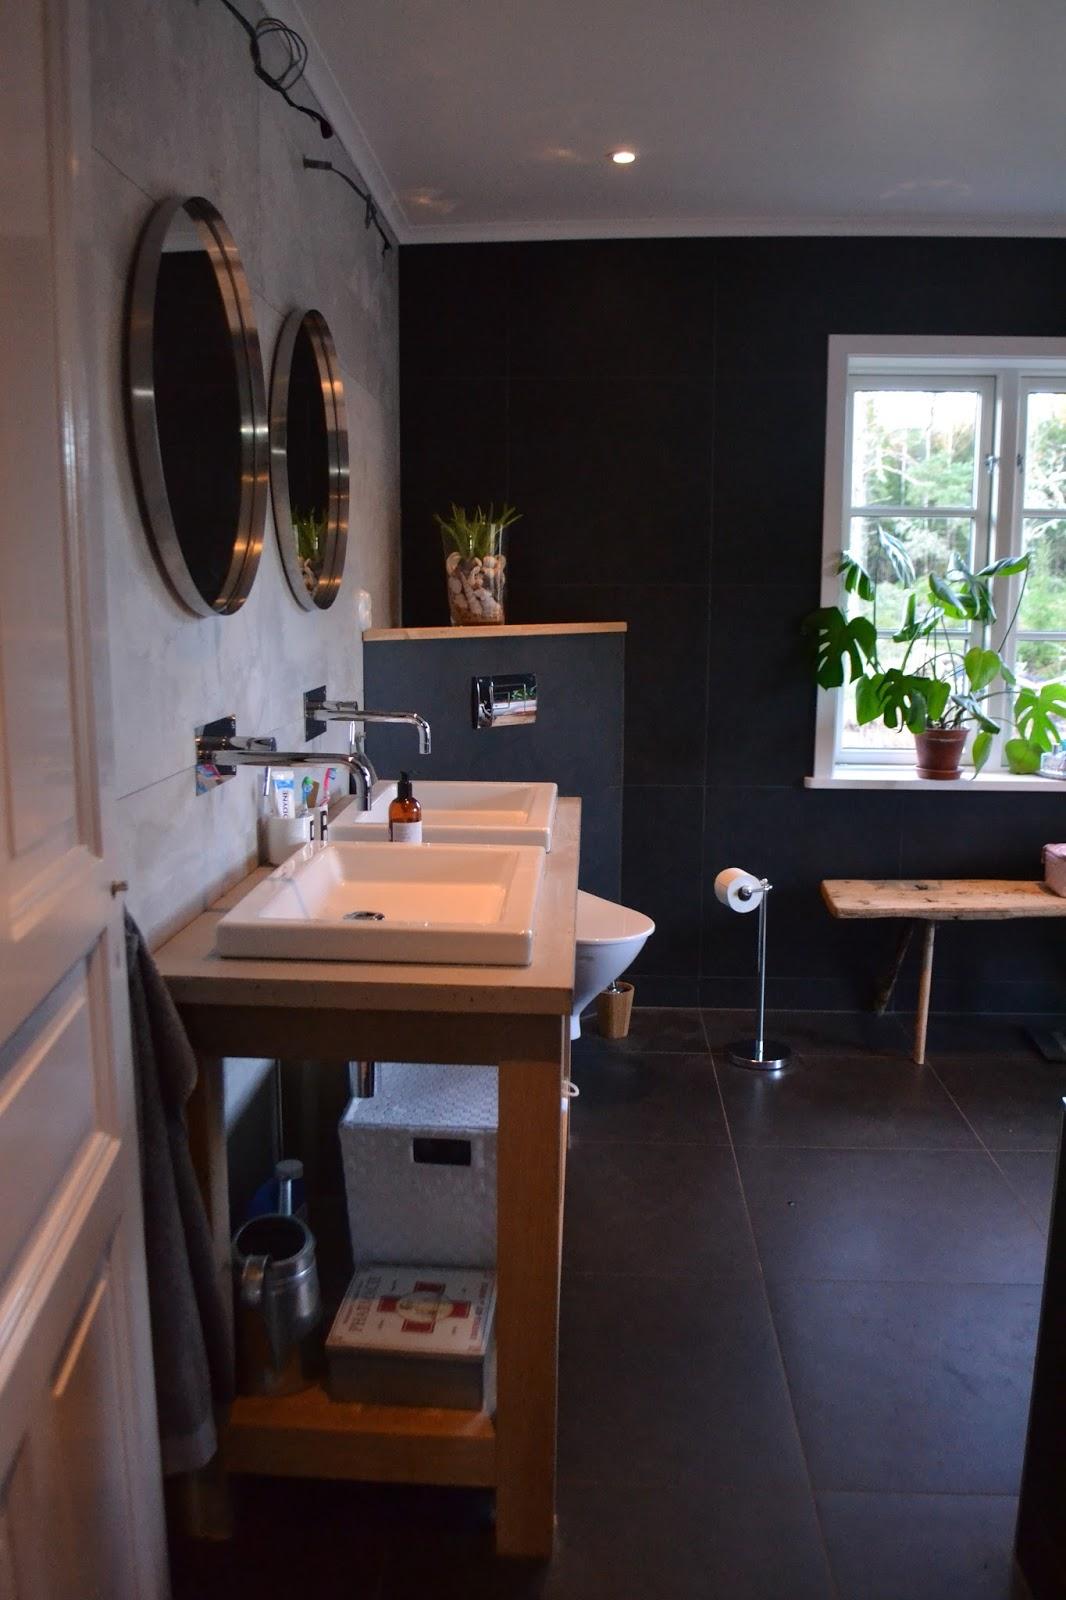 Boåsen: Före och efter: badrummet